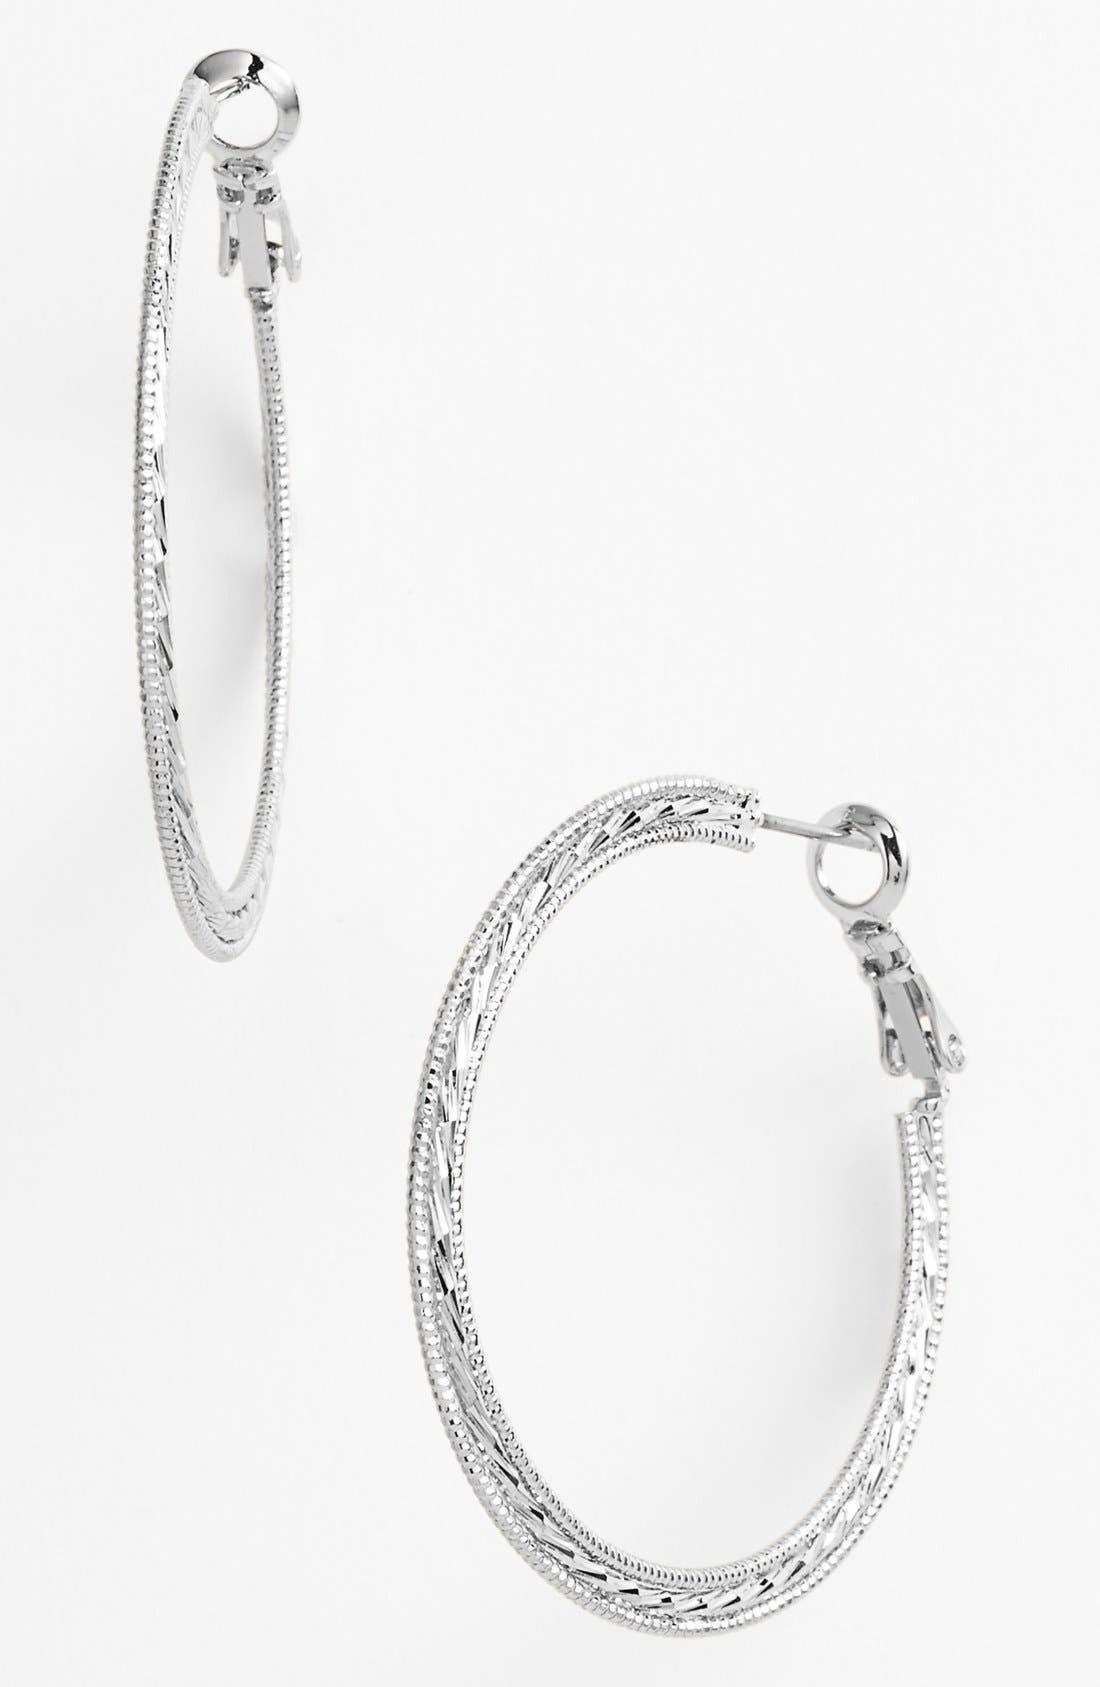 Main Image - Nordstrom Textured Hoop Earrings